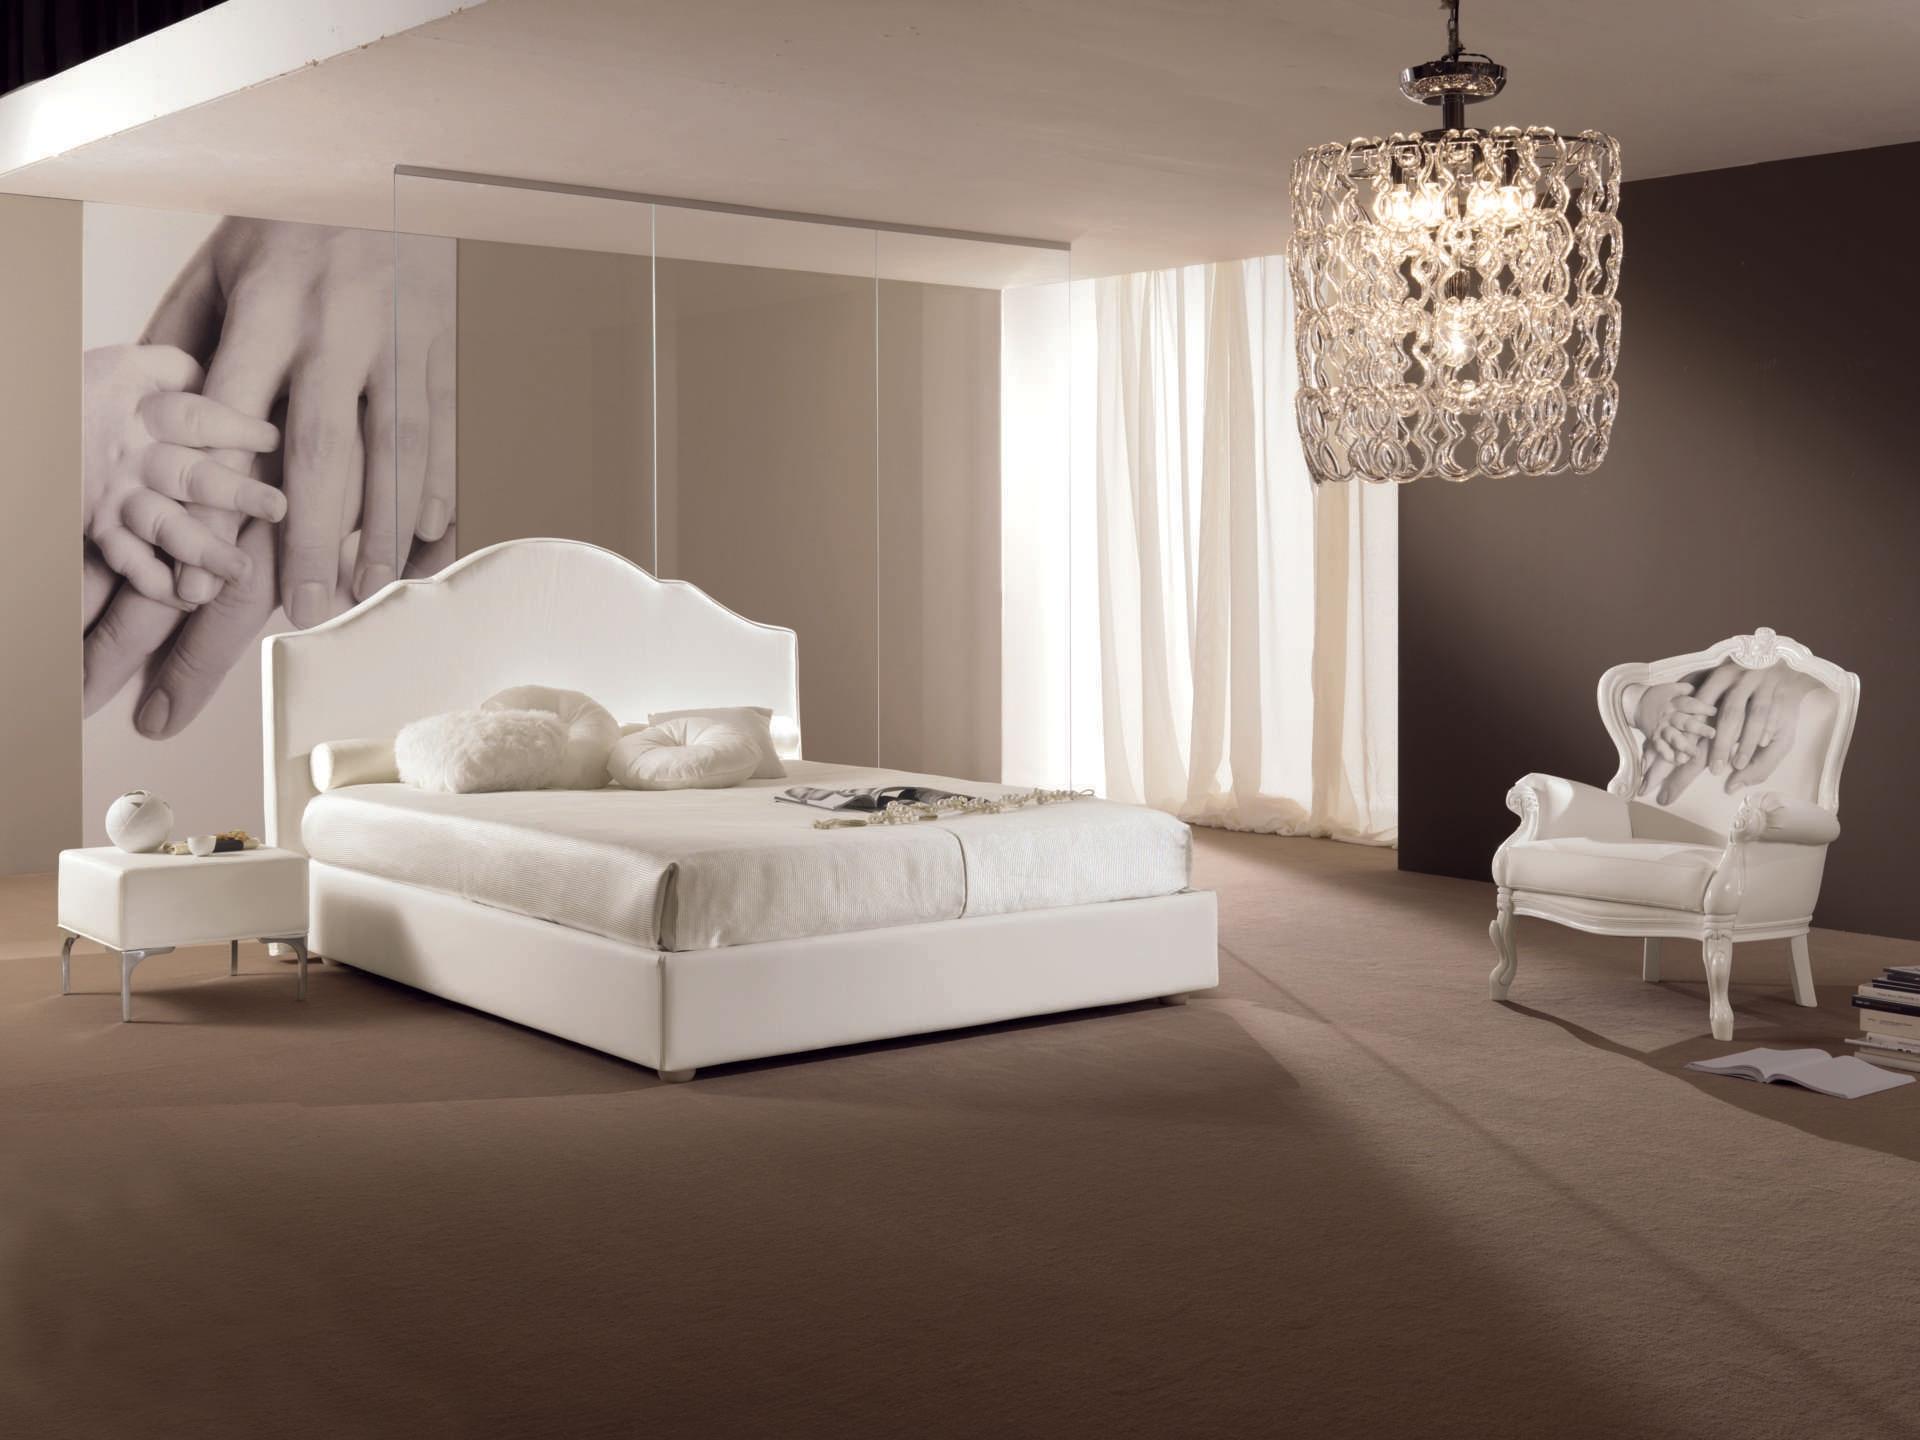 Chambre A Coucher Mur Noir - Décoration de maison idées de design d ...